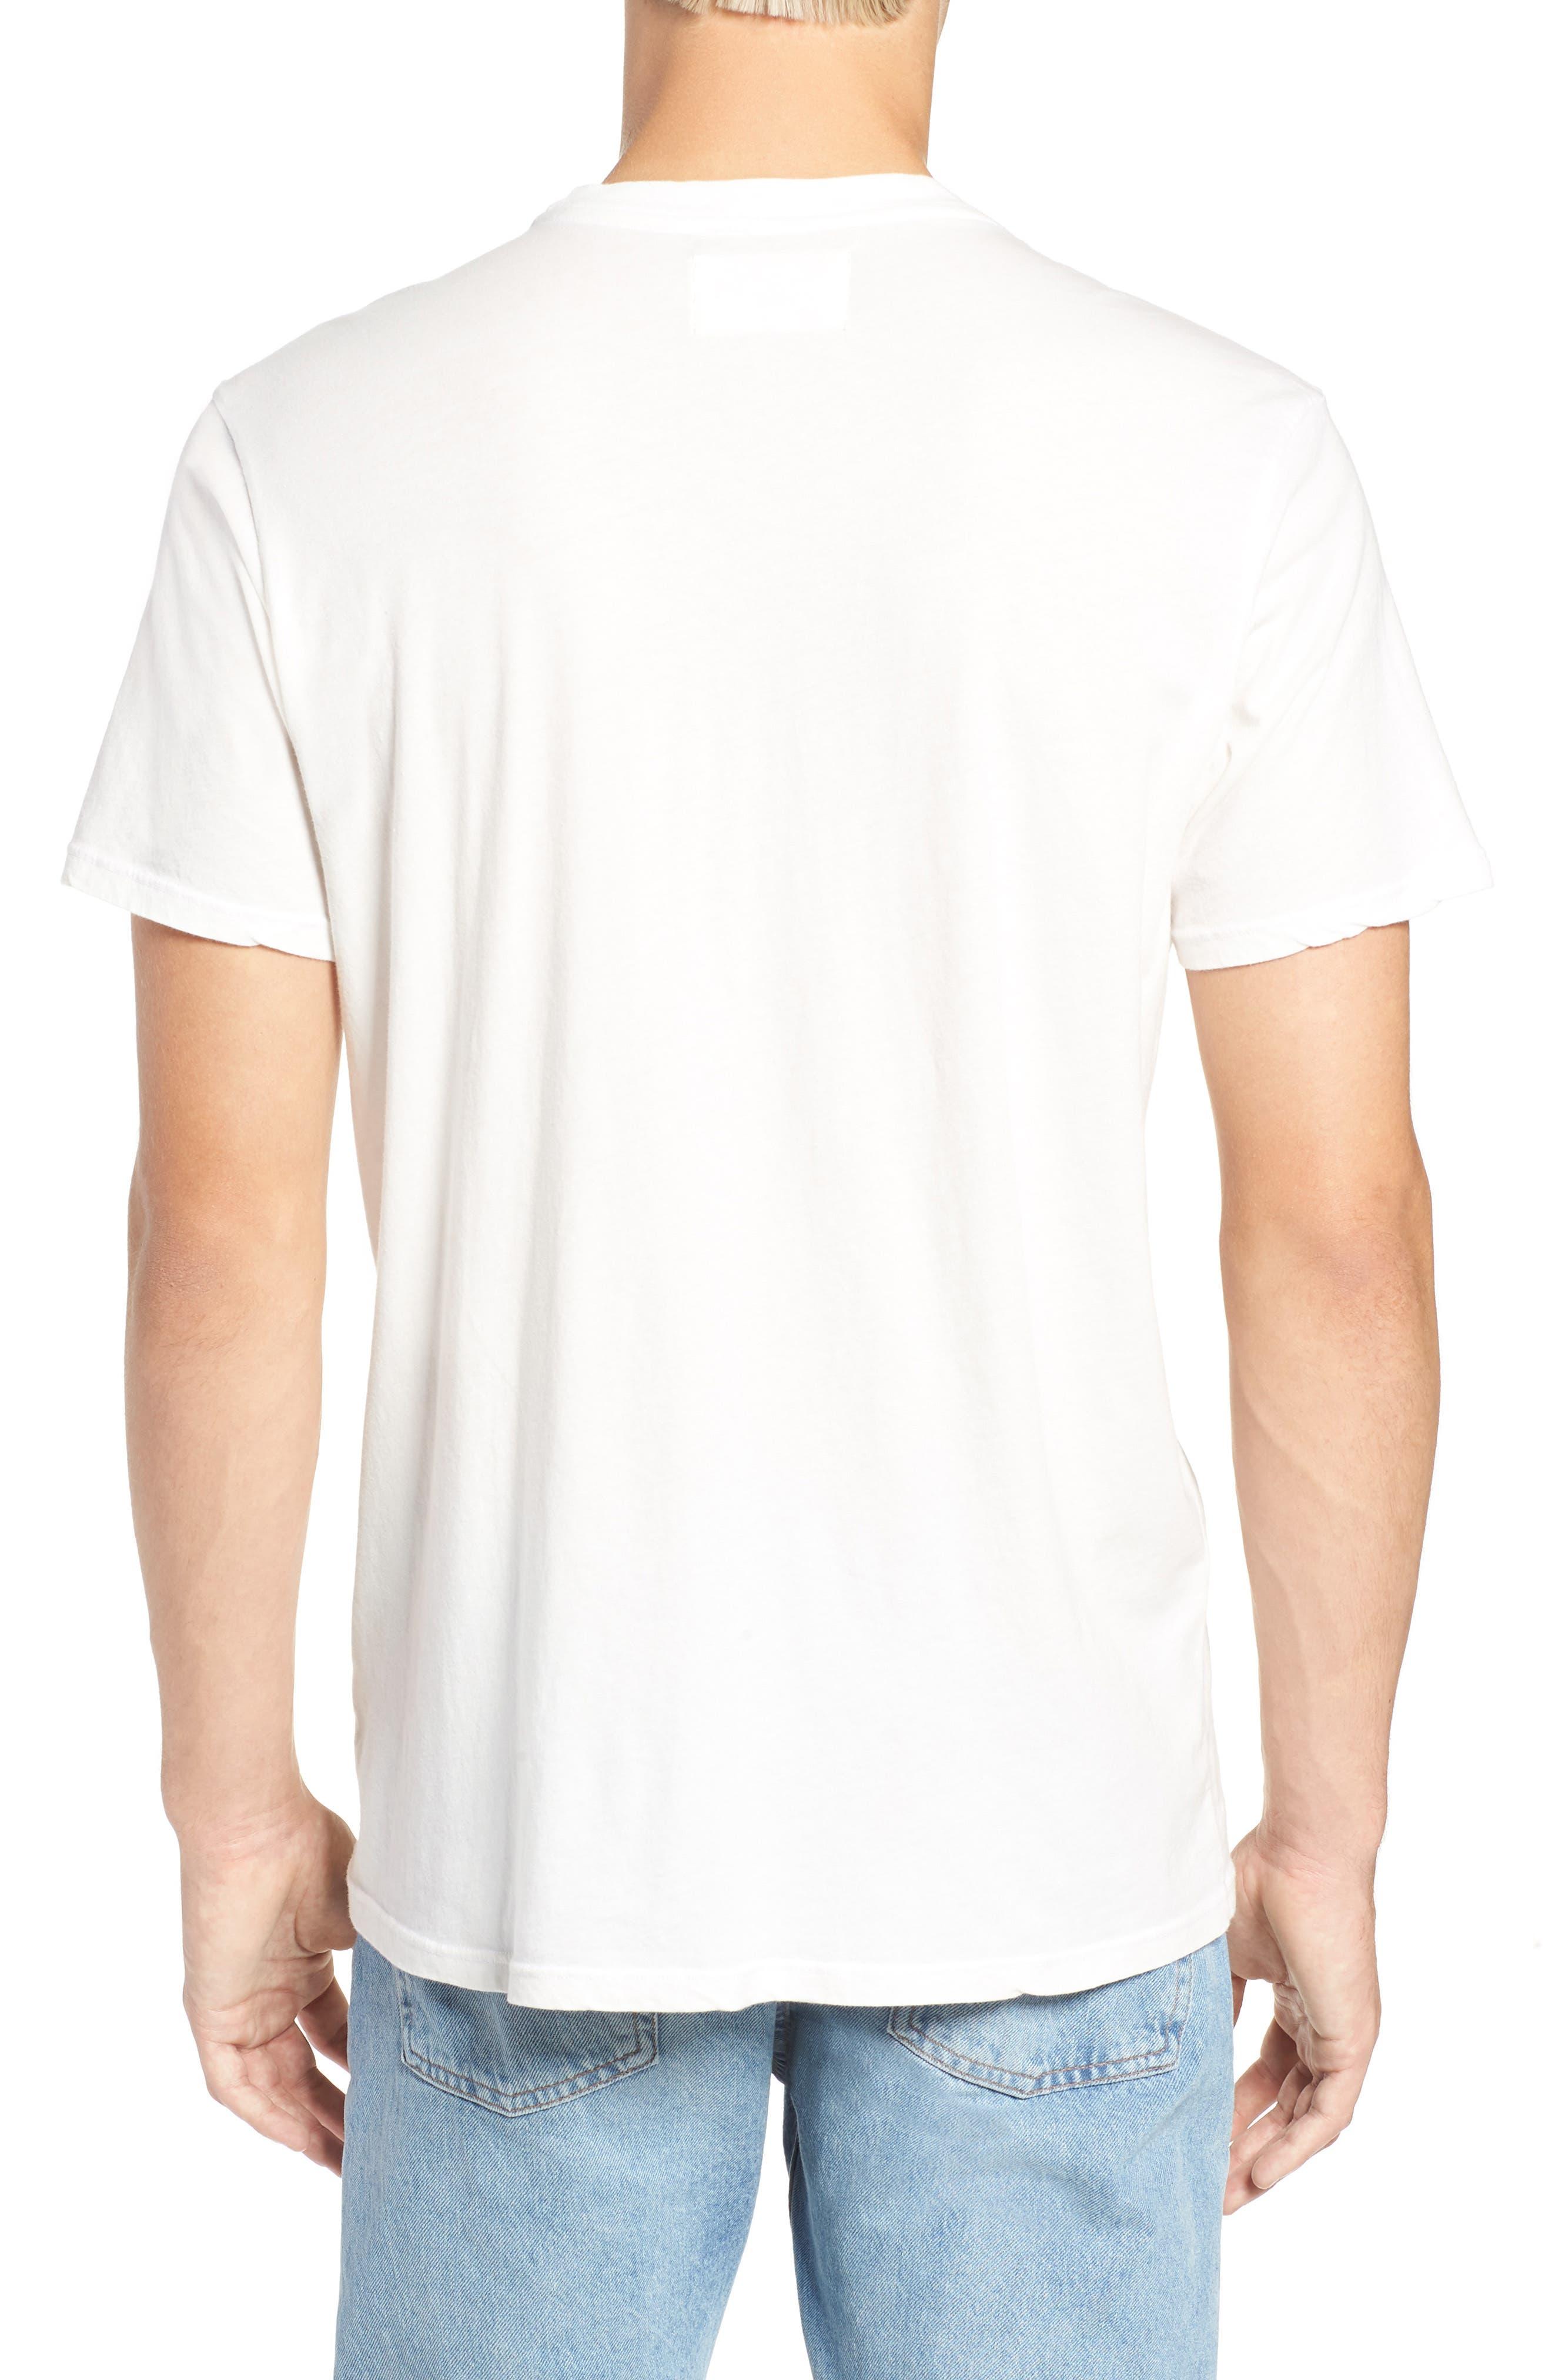 Après Ski Graphic T-Shirt,                             Alternate thumbnail 2, color,                             100